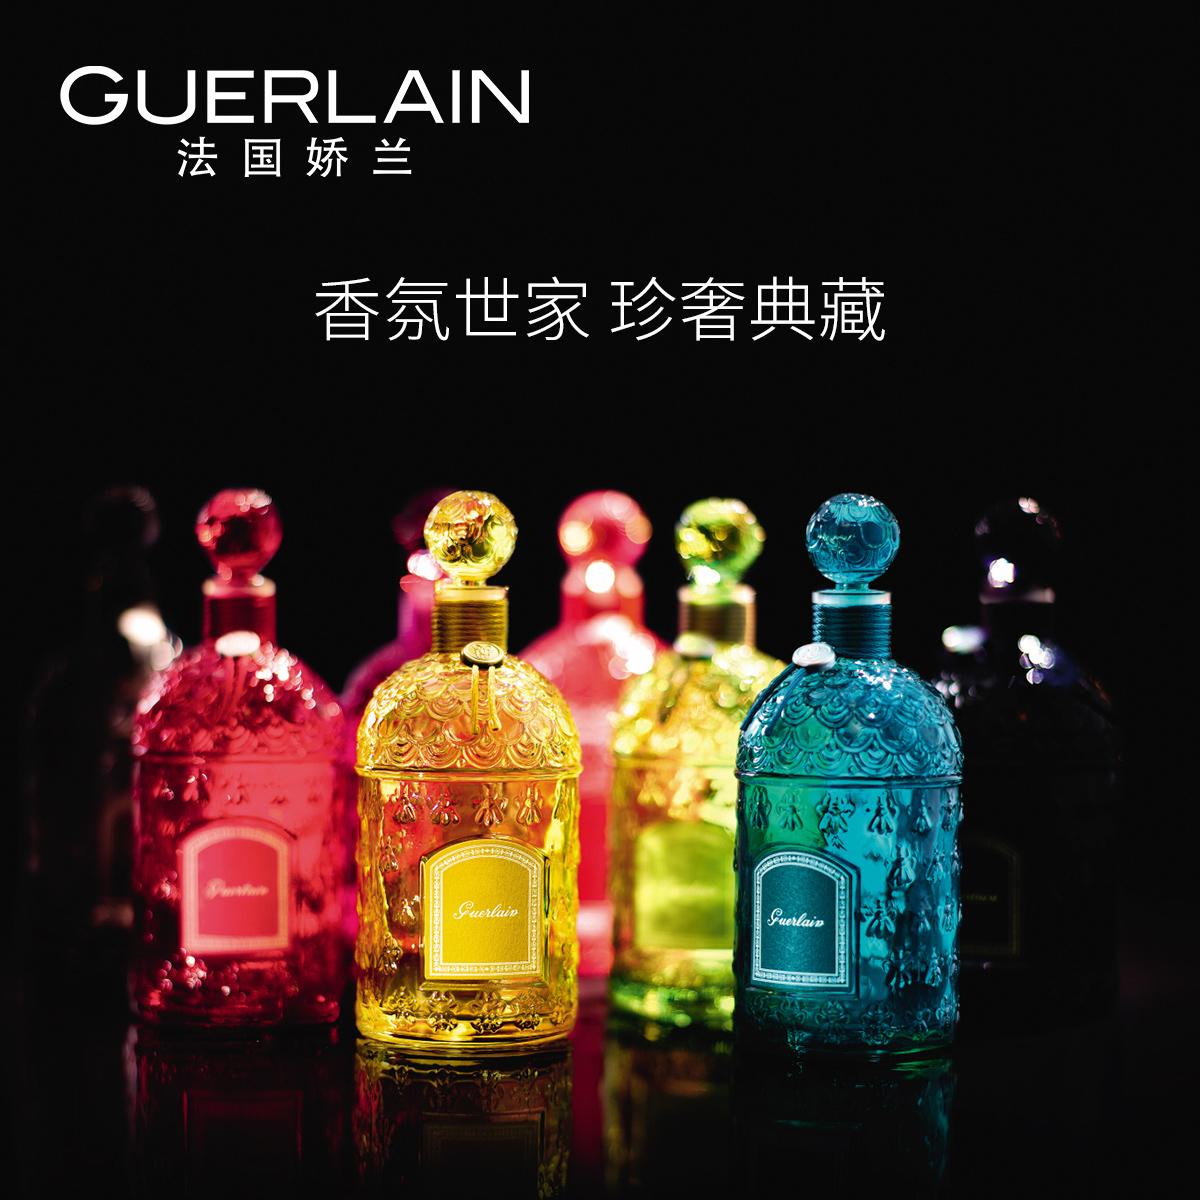 娇兰彩色蜂印瓶 经典香水高定珍藏版 持久自然 正品